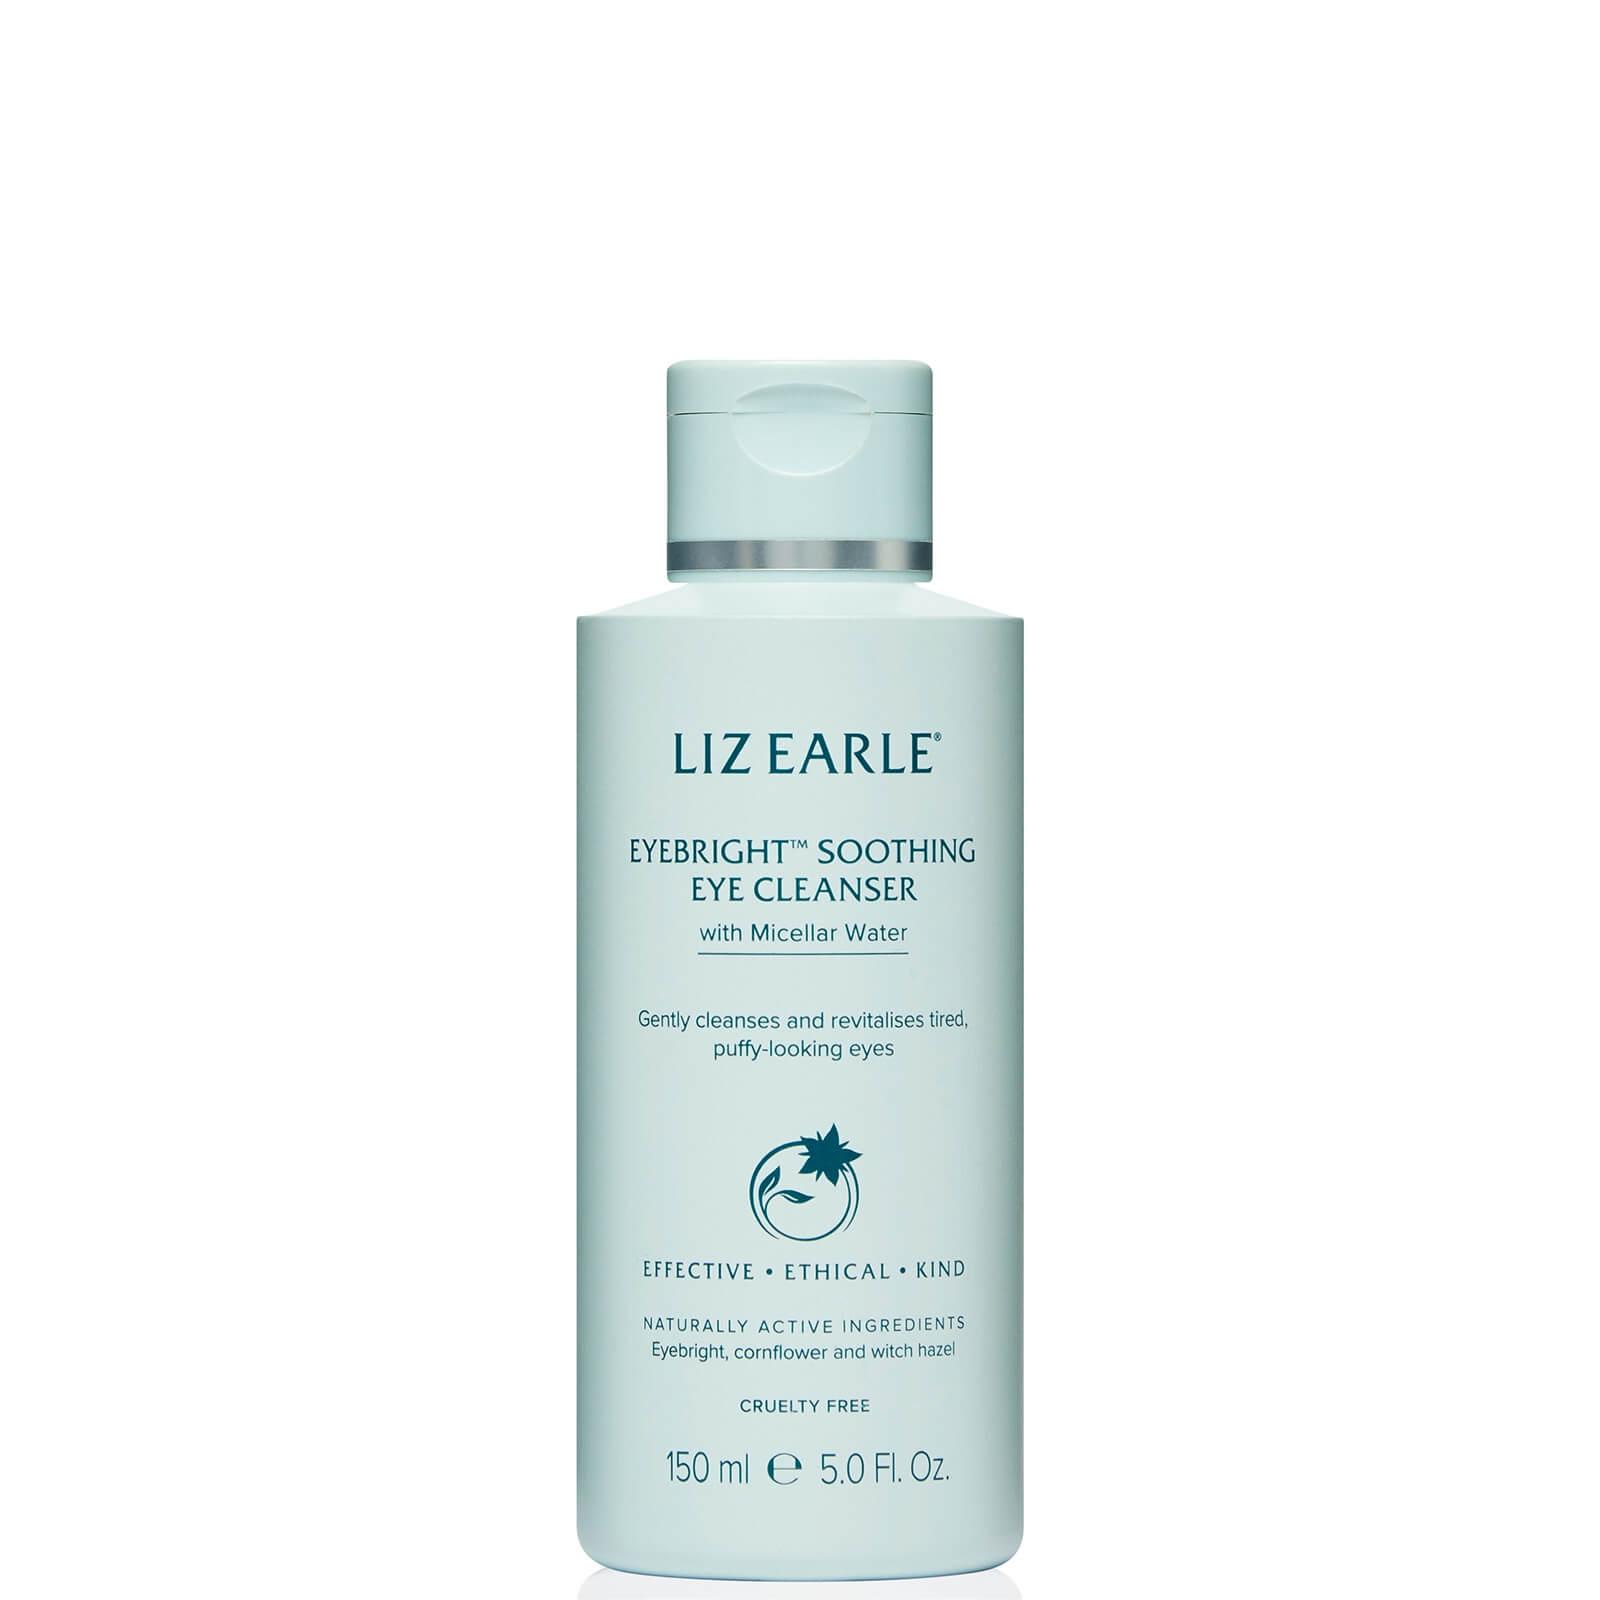 Купить Очищающее средство для глаз Liz Earle Eyebright Soothing Eye Cleanser 150ml